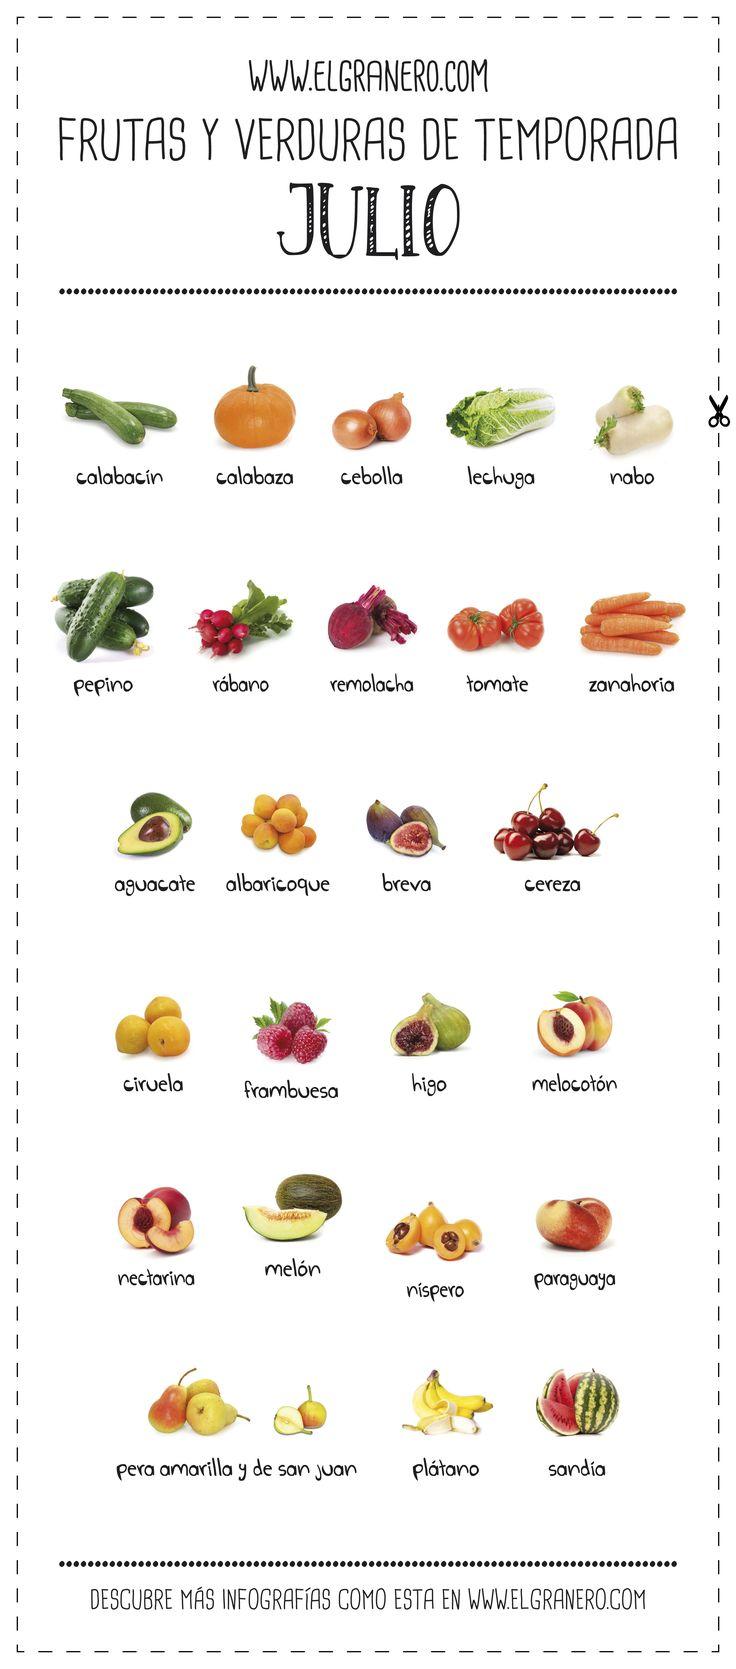 Frutas y verduras de temporada. Julio